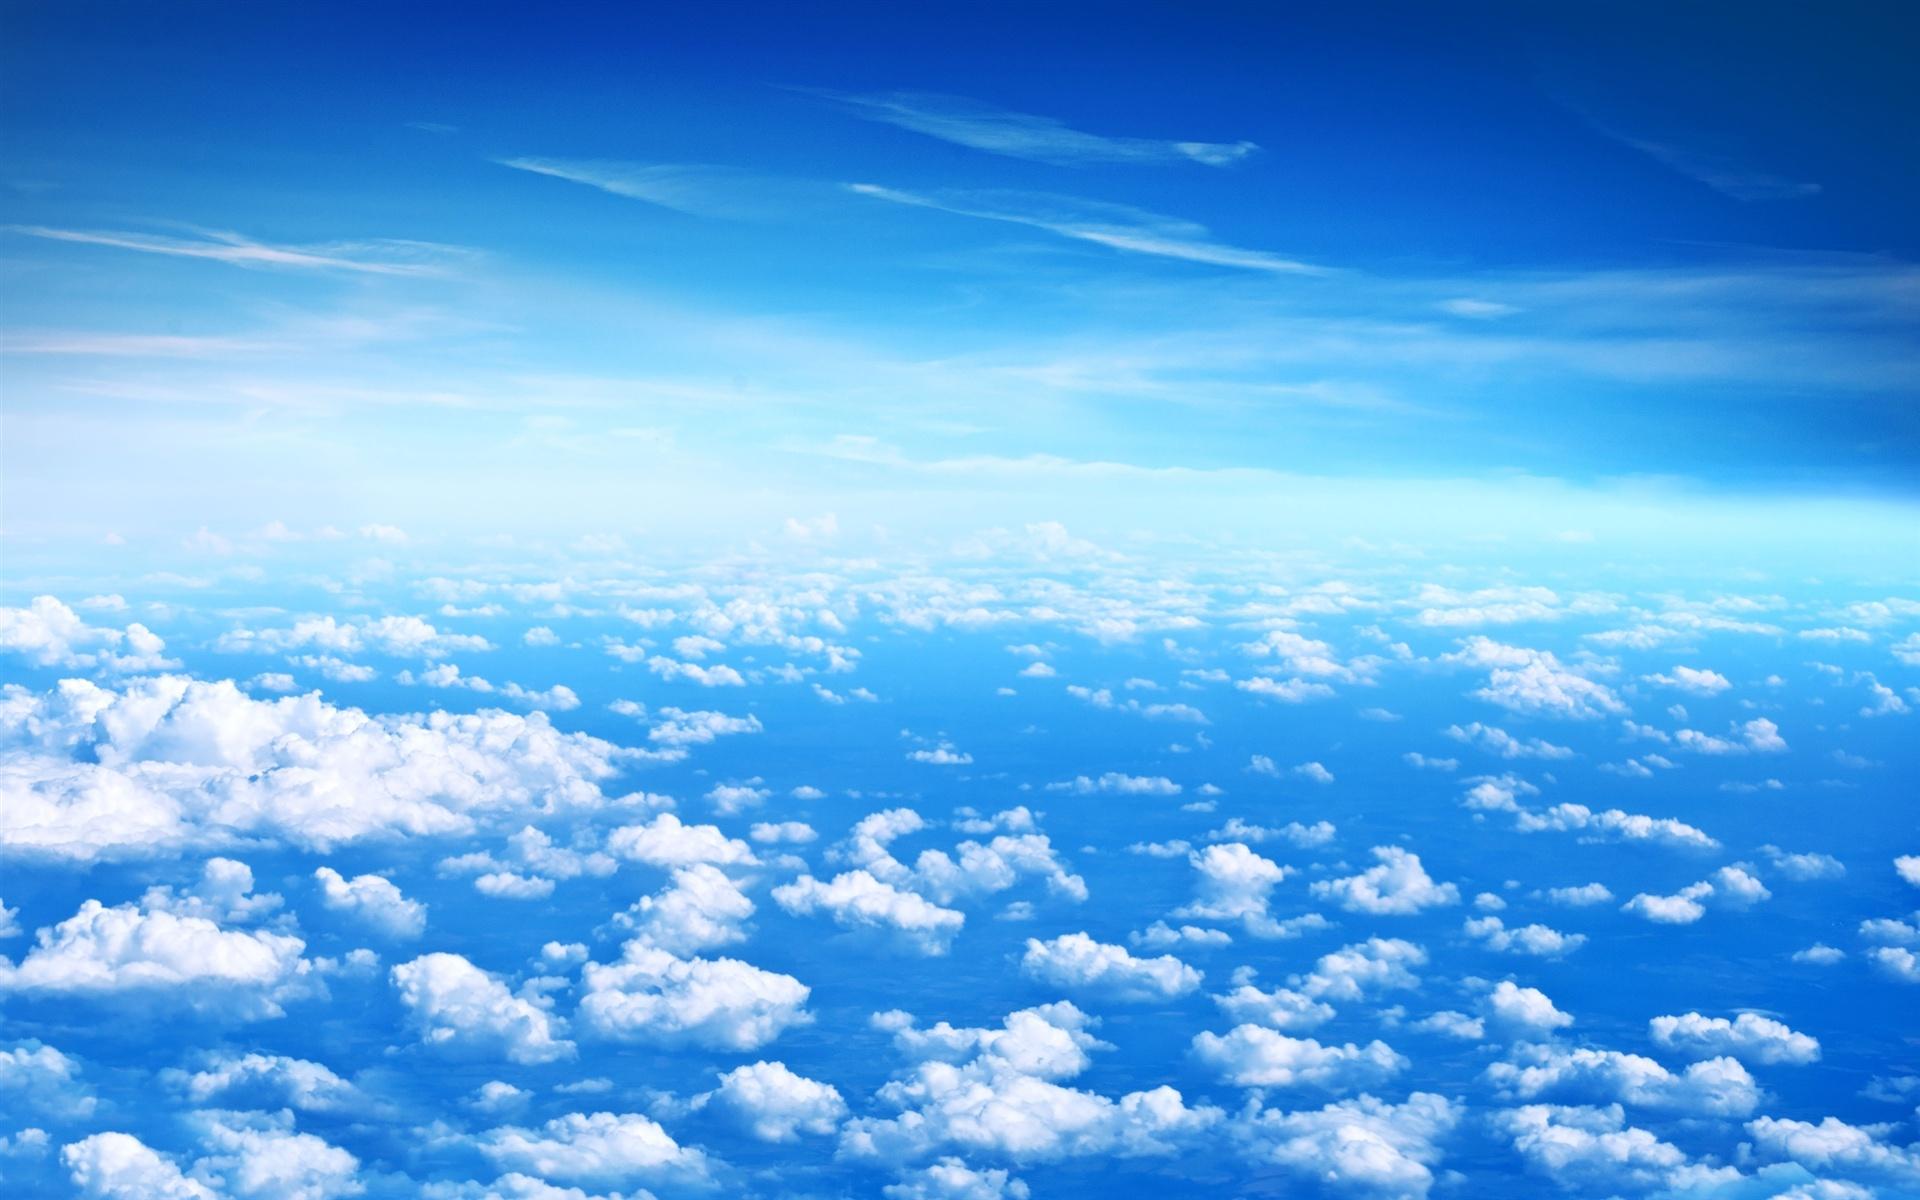 fond d'ecran nuage